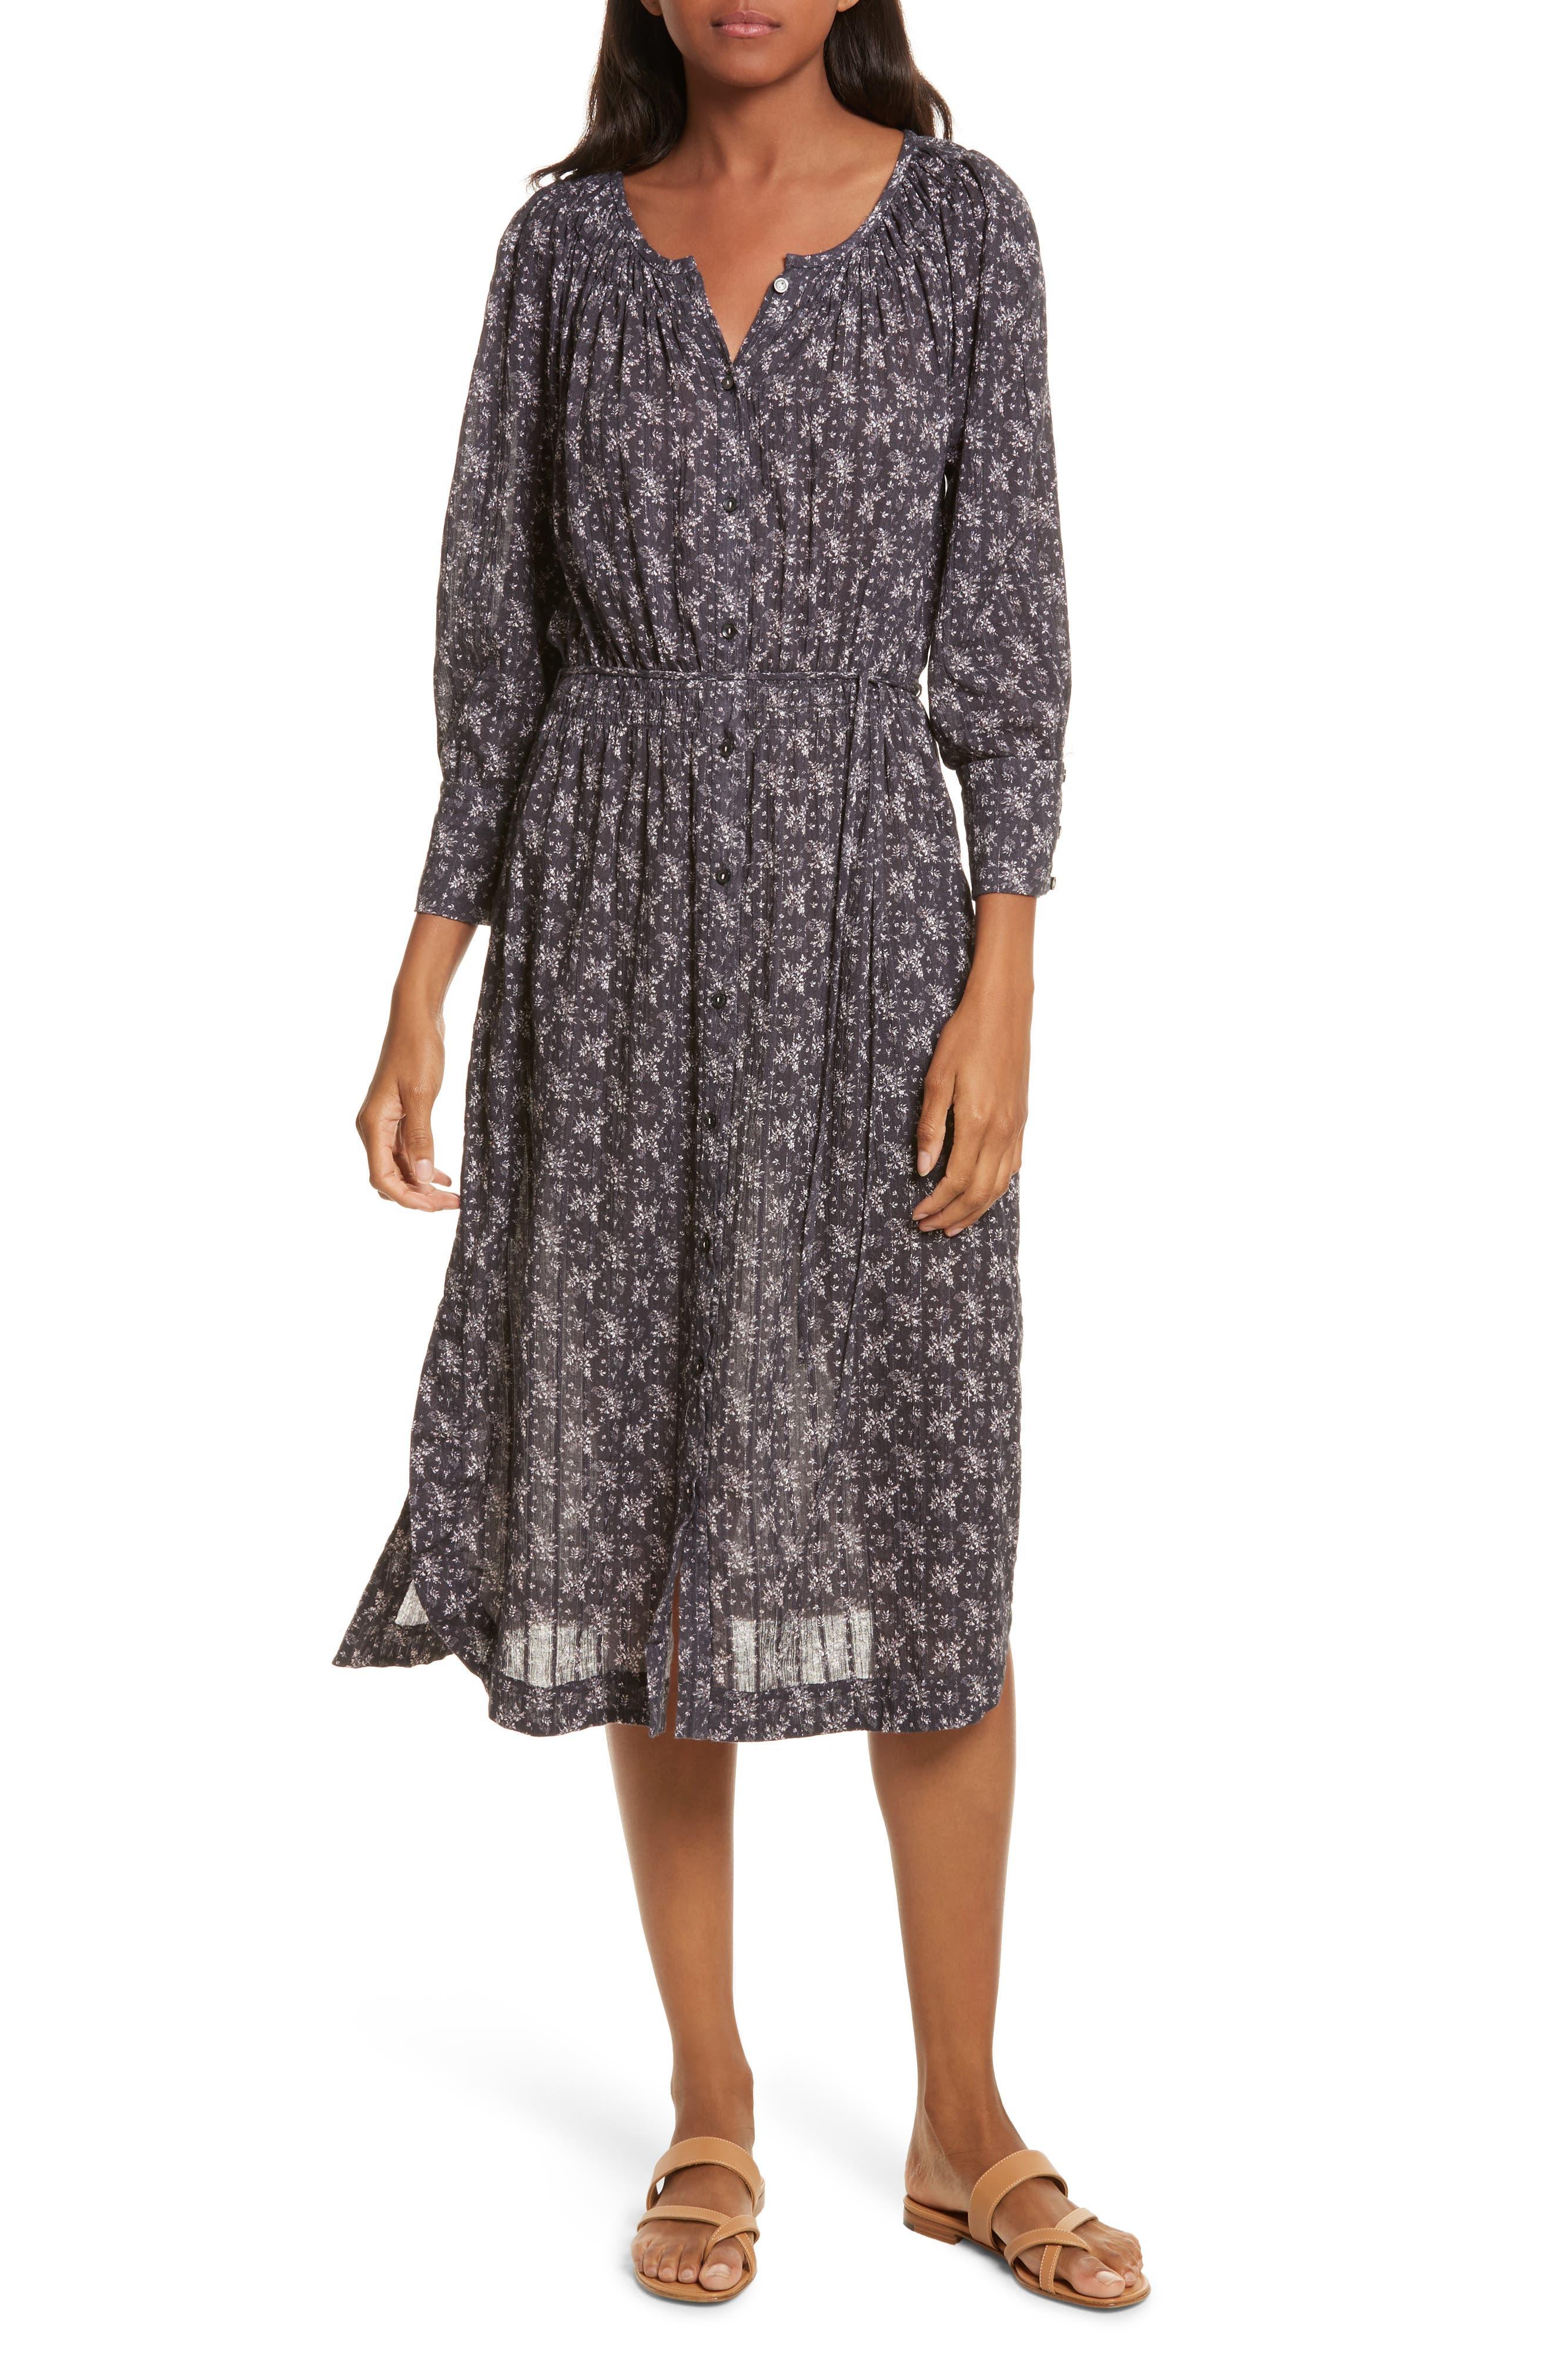 Angelique Long Sleeve Dress,                             Main thumbnail 1, color,                             Black Combo